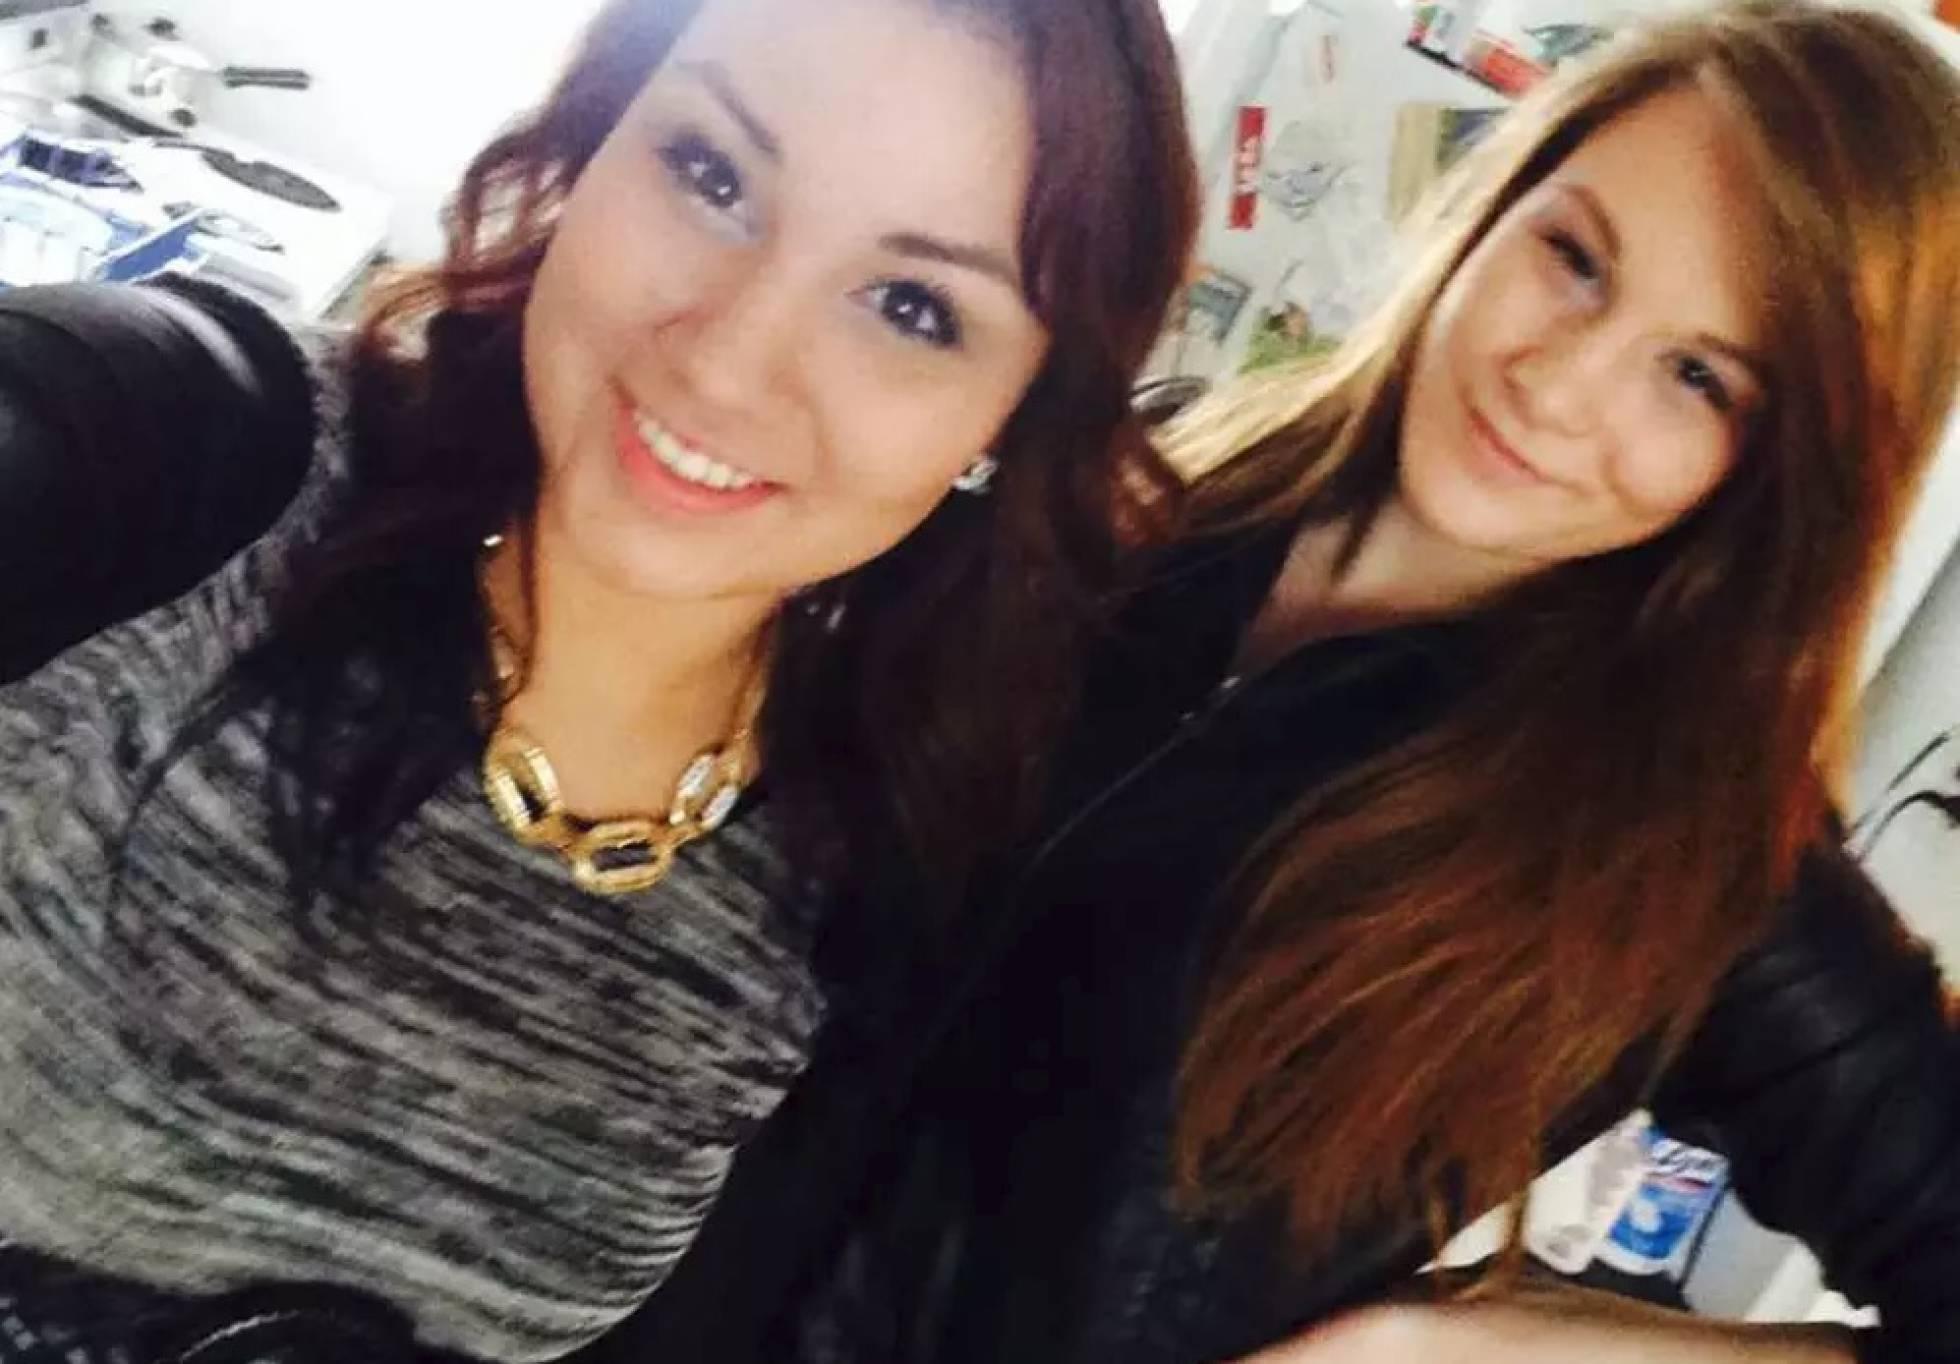 Una joven, condenada por el asesinato de su mejor amiga gracias a un 'selfie'